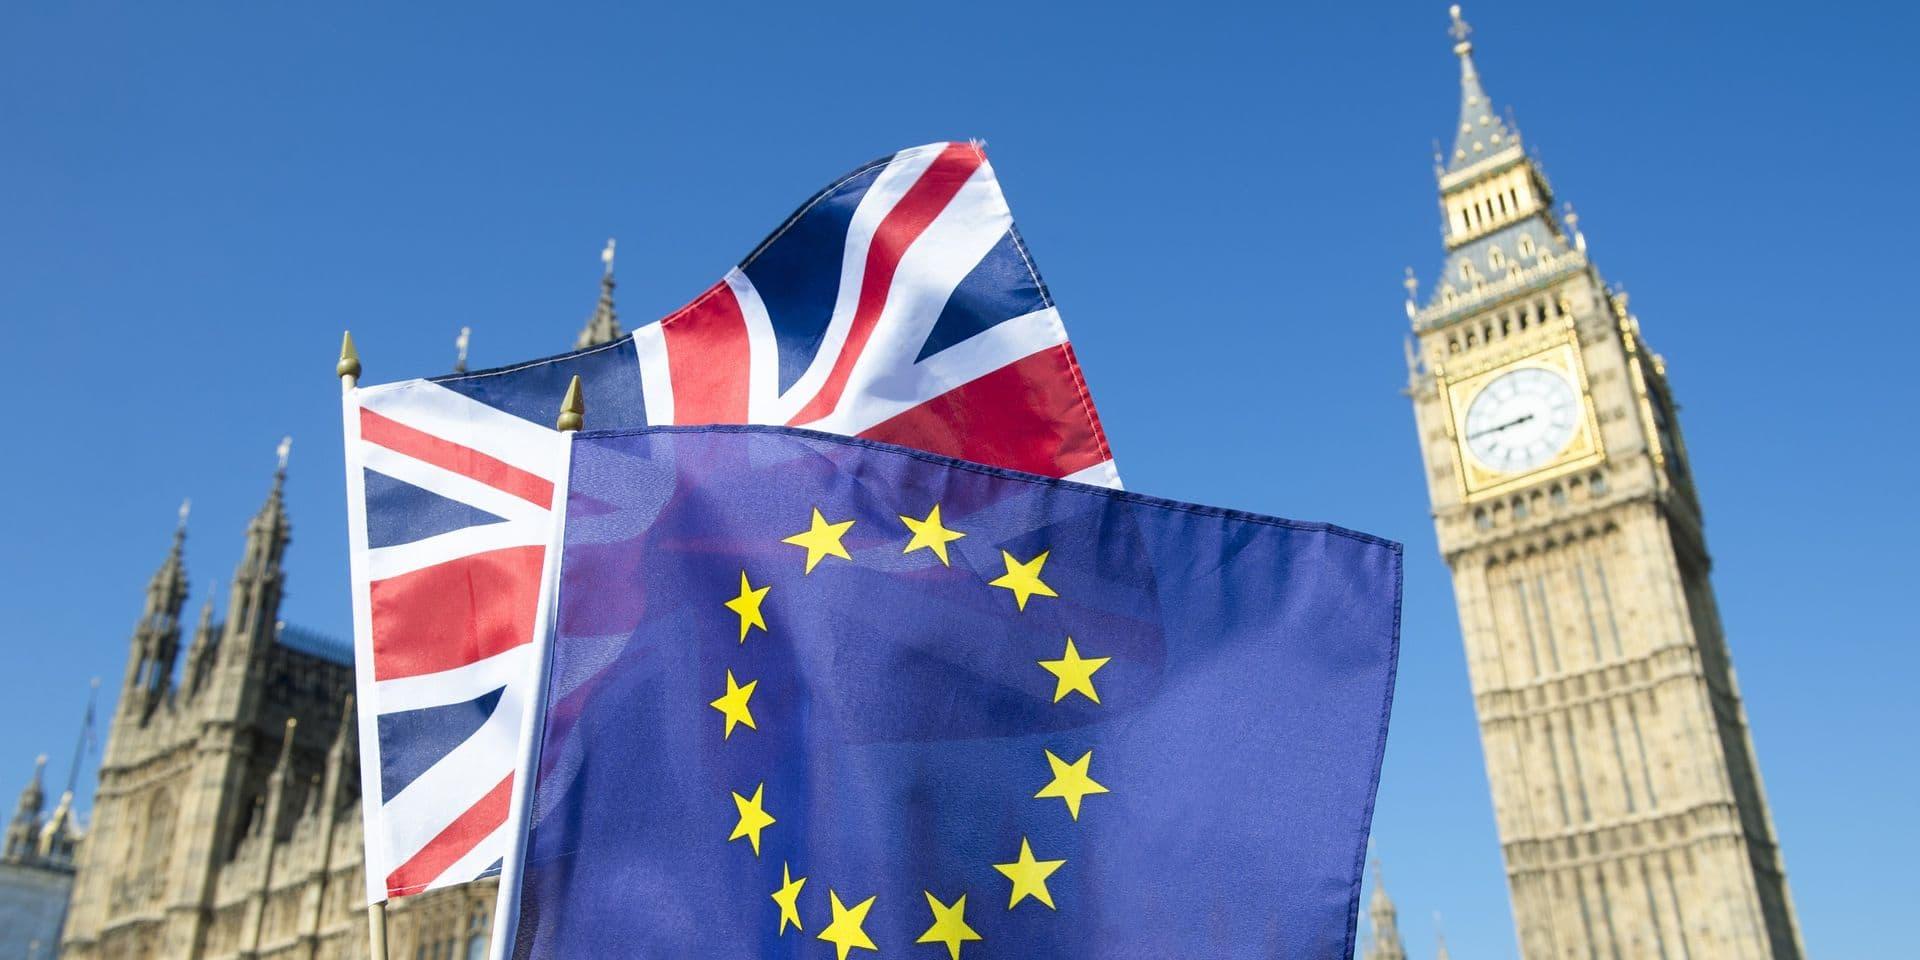 Royaume-Uni: le service de santé plaide pour prolonger la période de transition post-Brexit